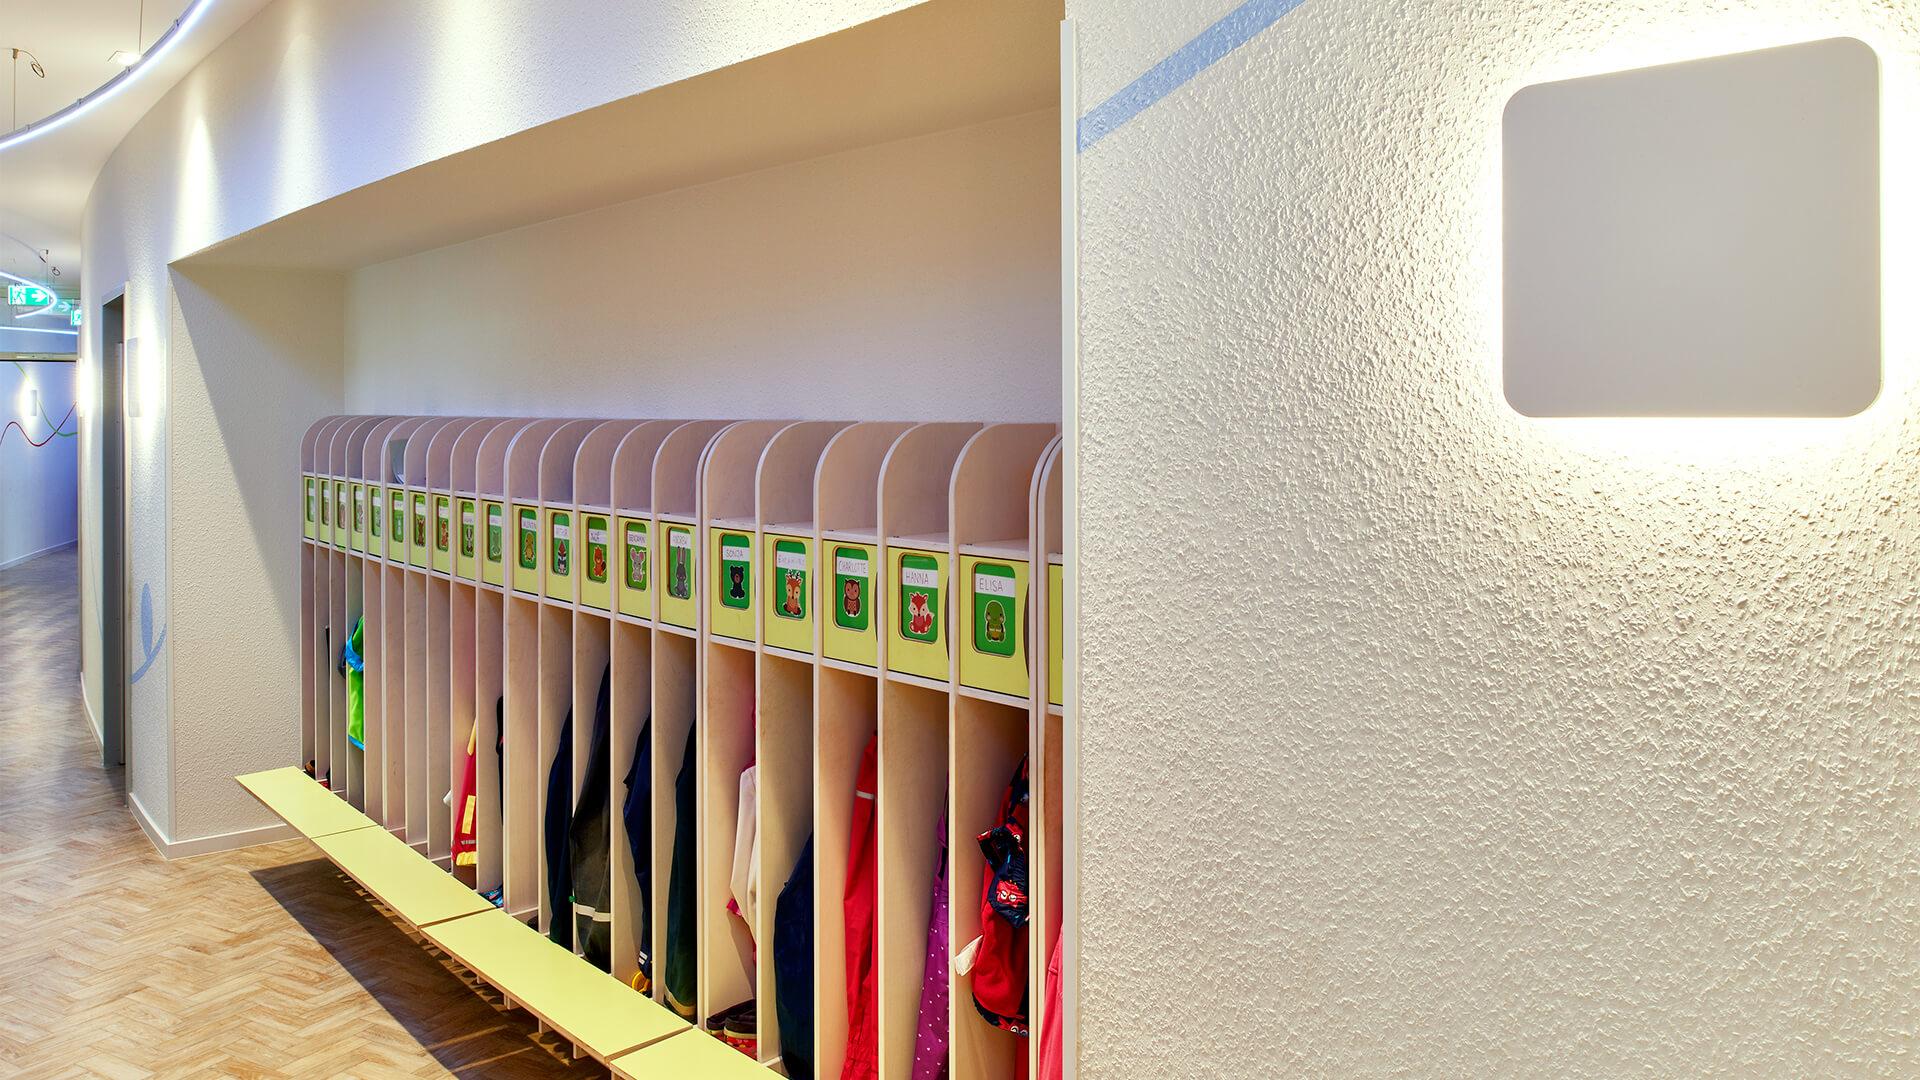 Ohne Ecken geht's auch: Organisch geschwungener Flurbereich der Kindertagesstätte